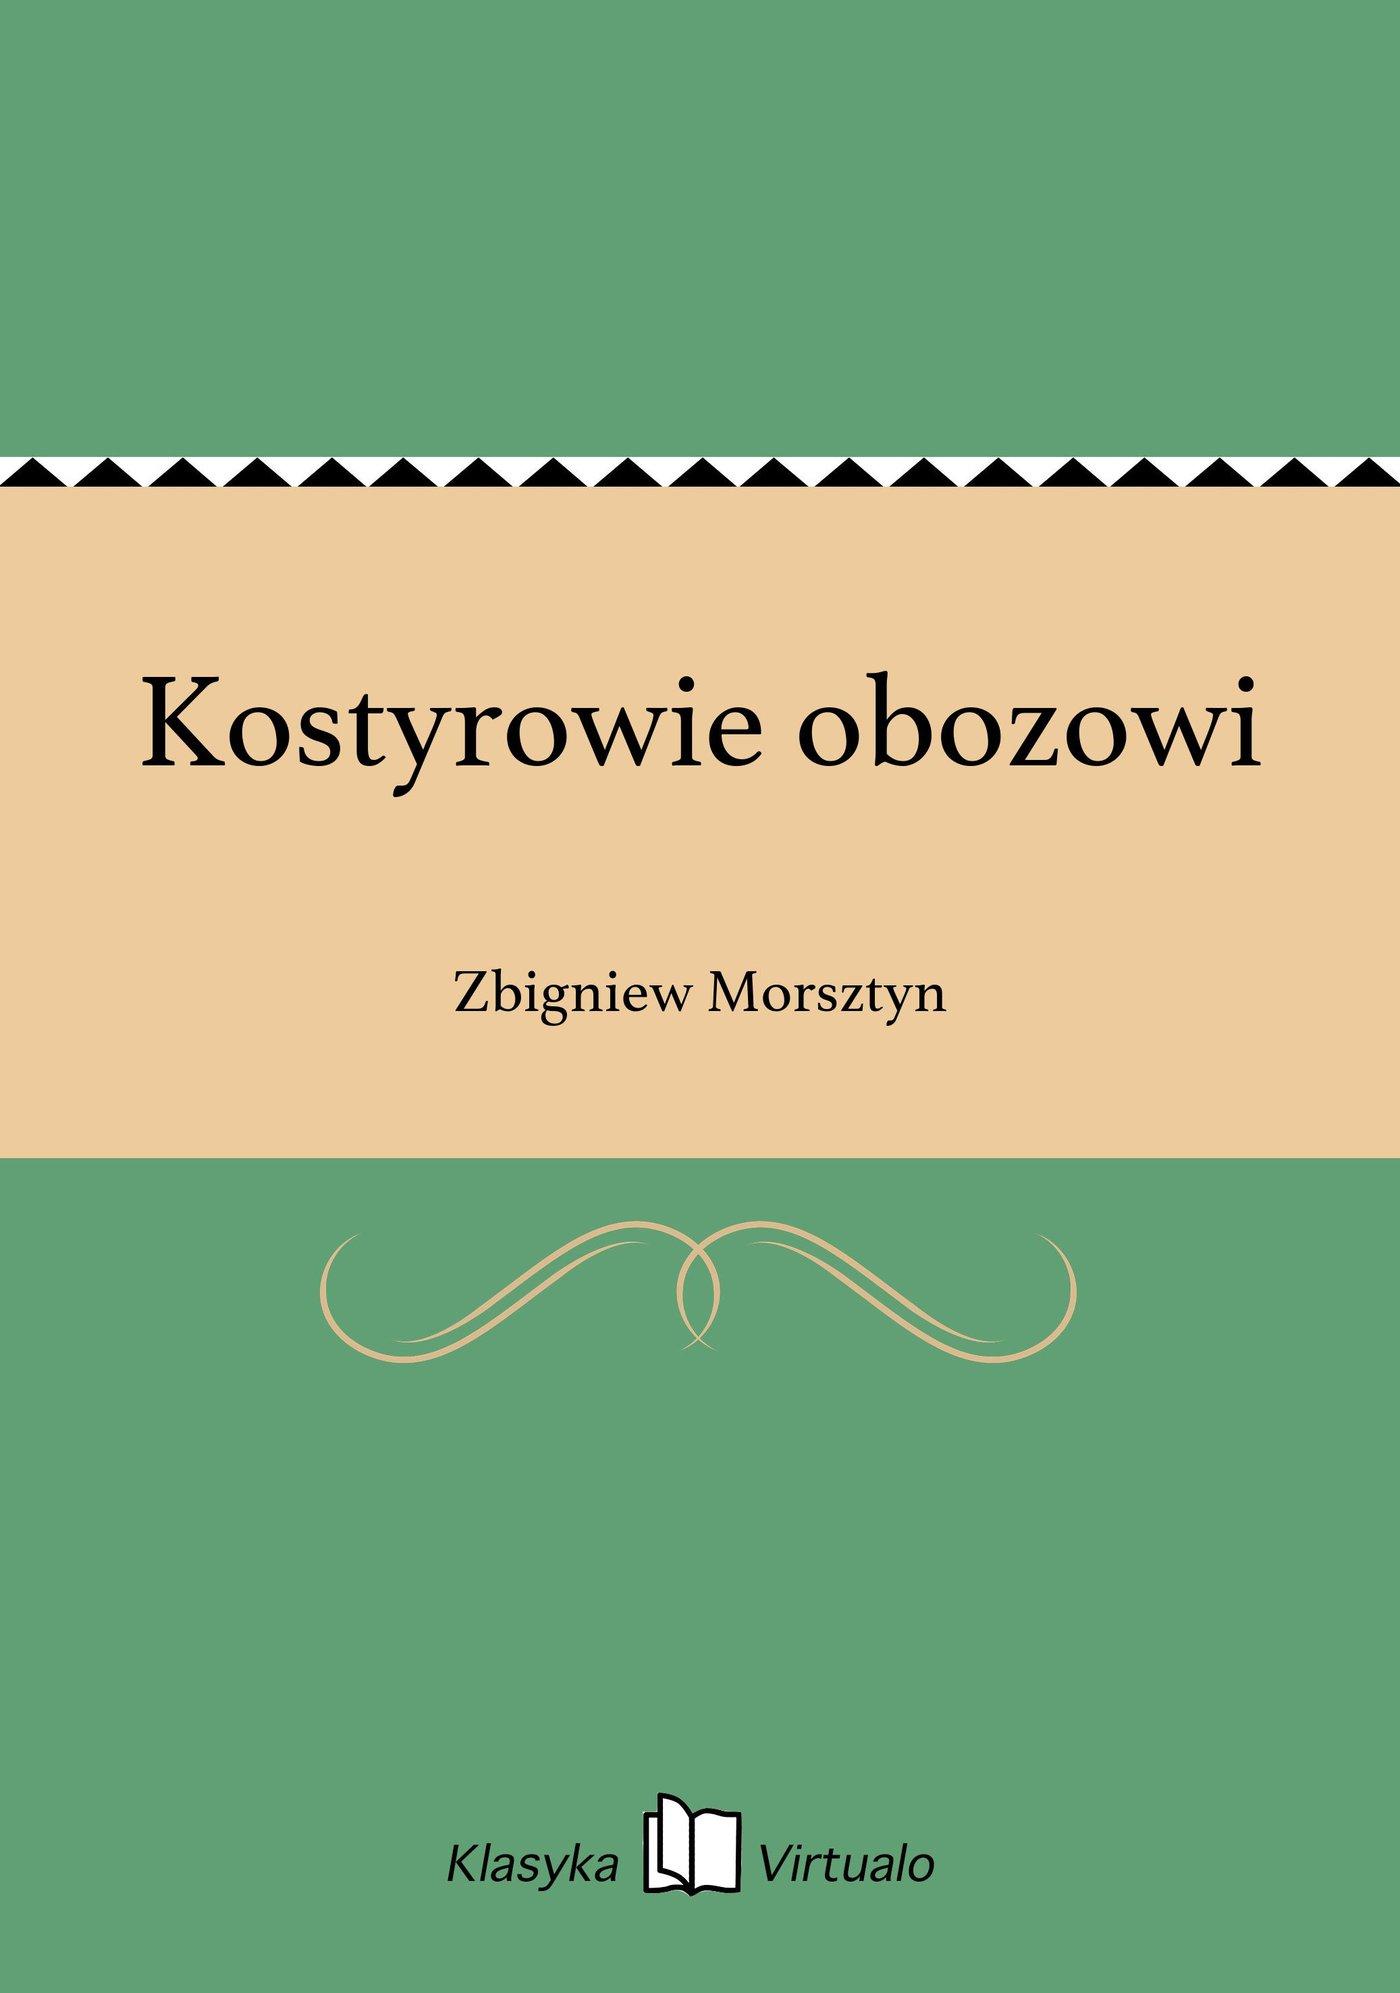 Kostyrowie obozowi - Ebook (Książka EPUB) do pobrania w formacie EPUB